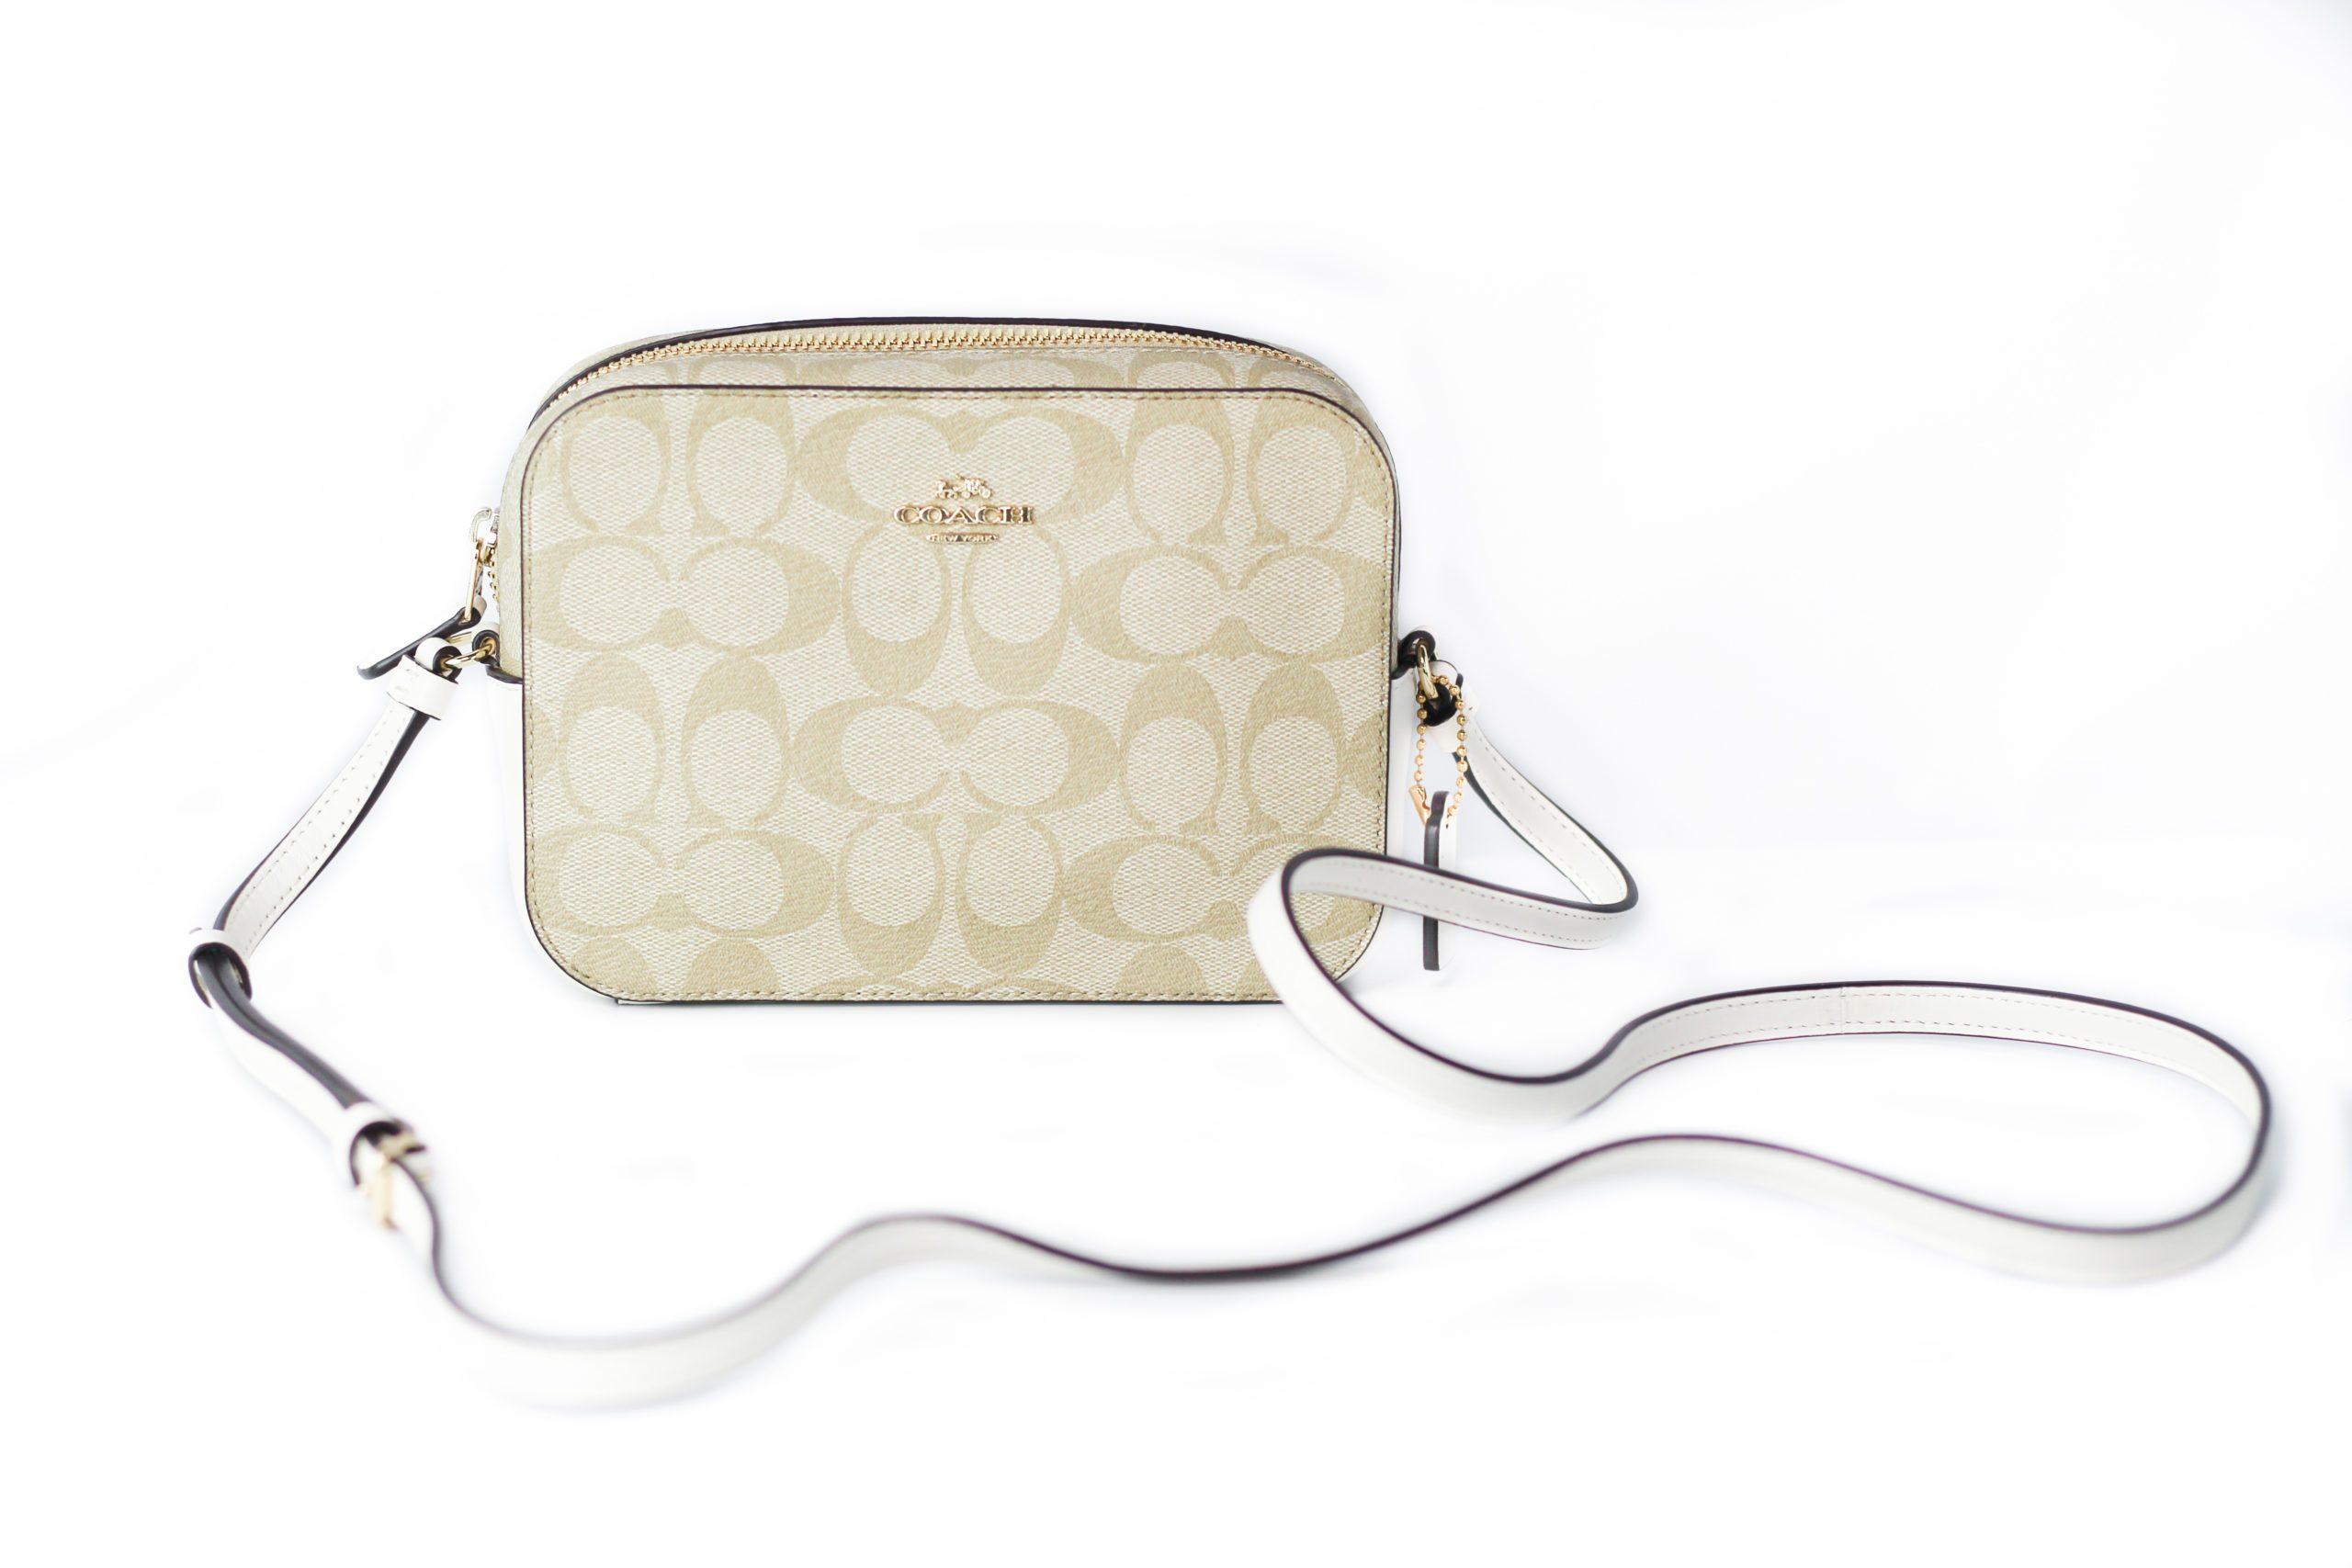 COACH Women's Crossbody Bag Khaki 72557